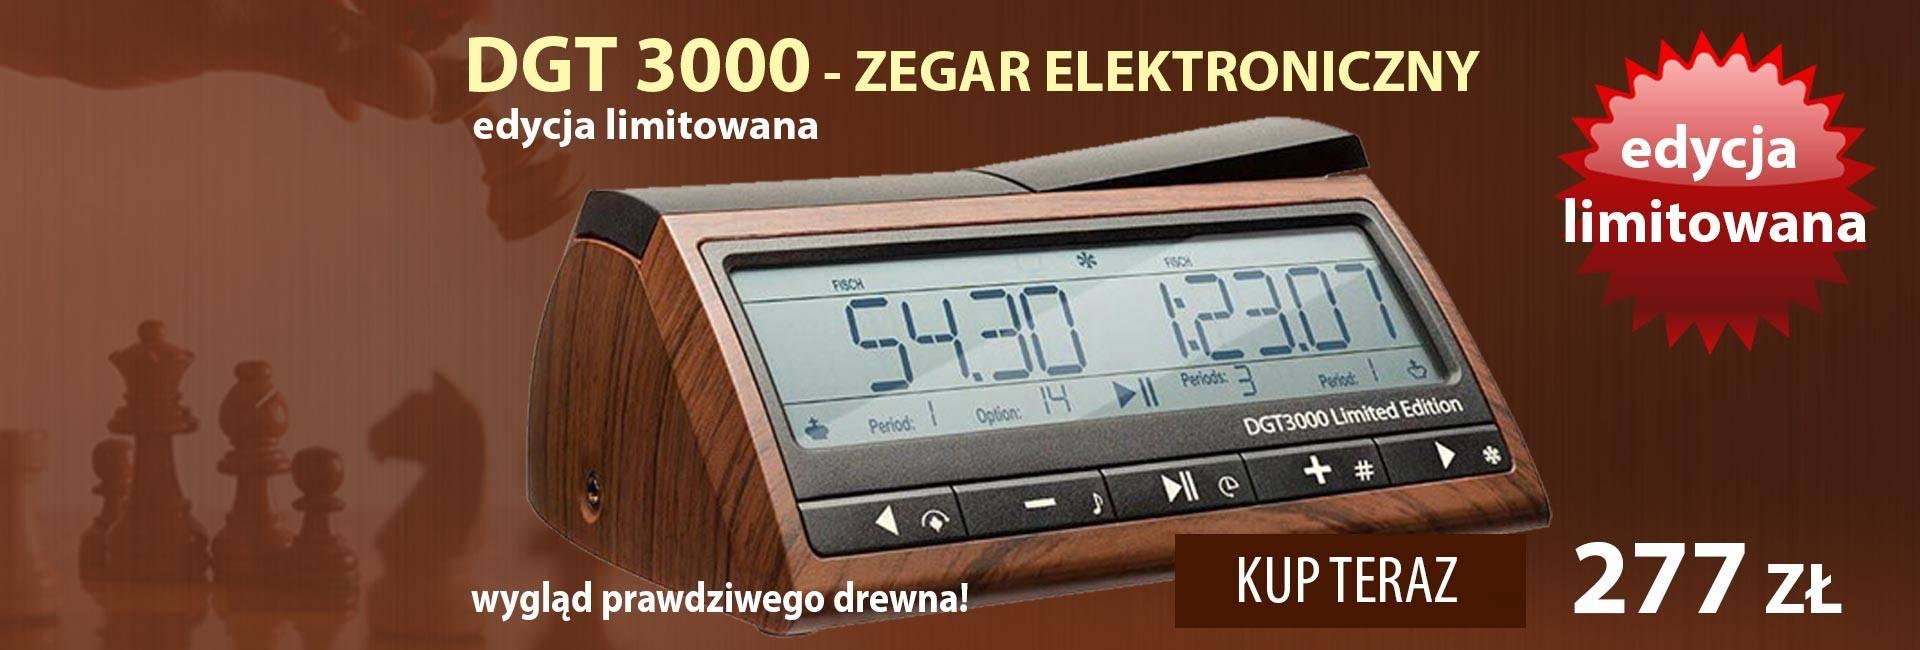 Zegar elektroniczny DGT 3000 - edycja limitowana